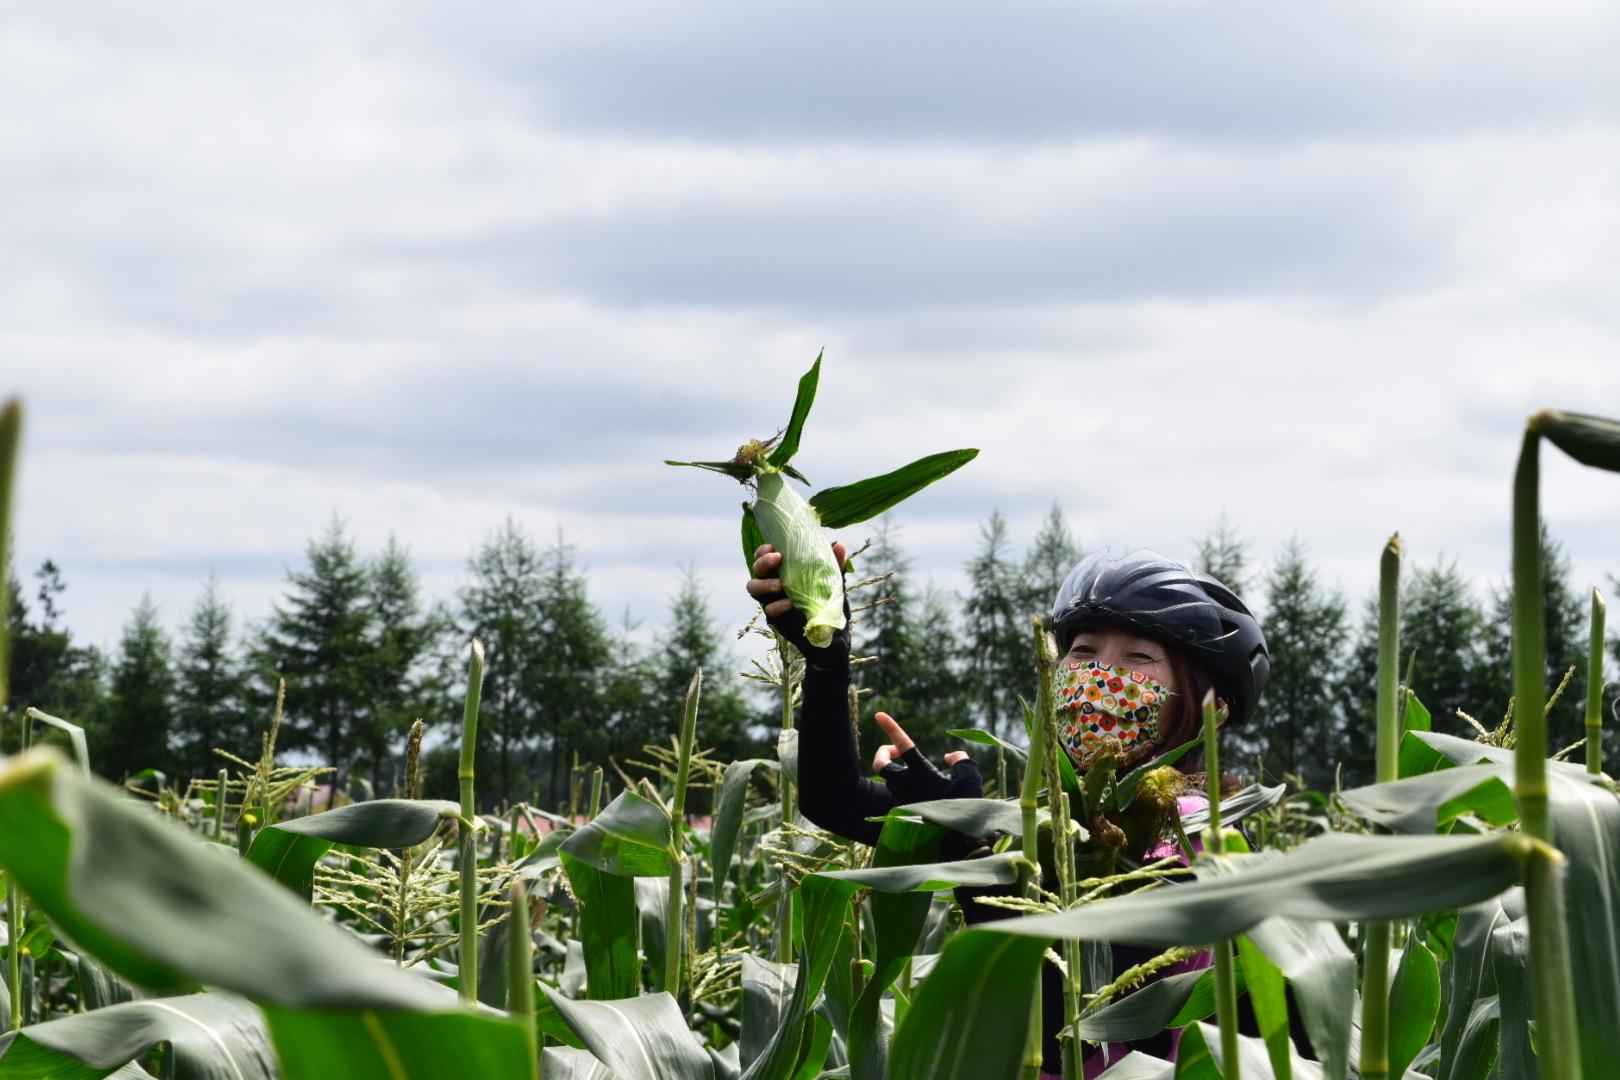 トウキビ畑の中で収穫